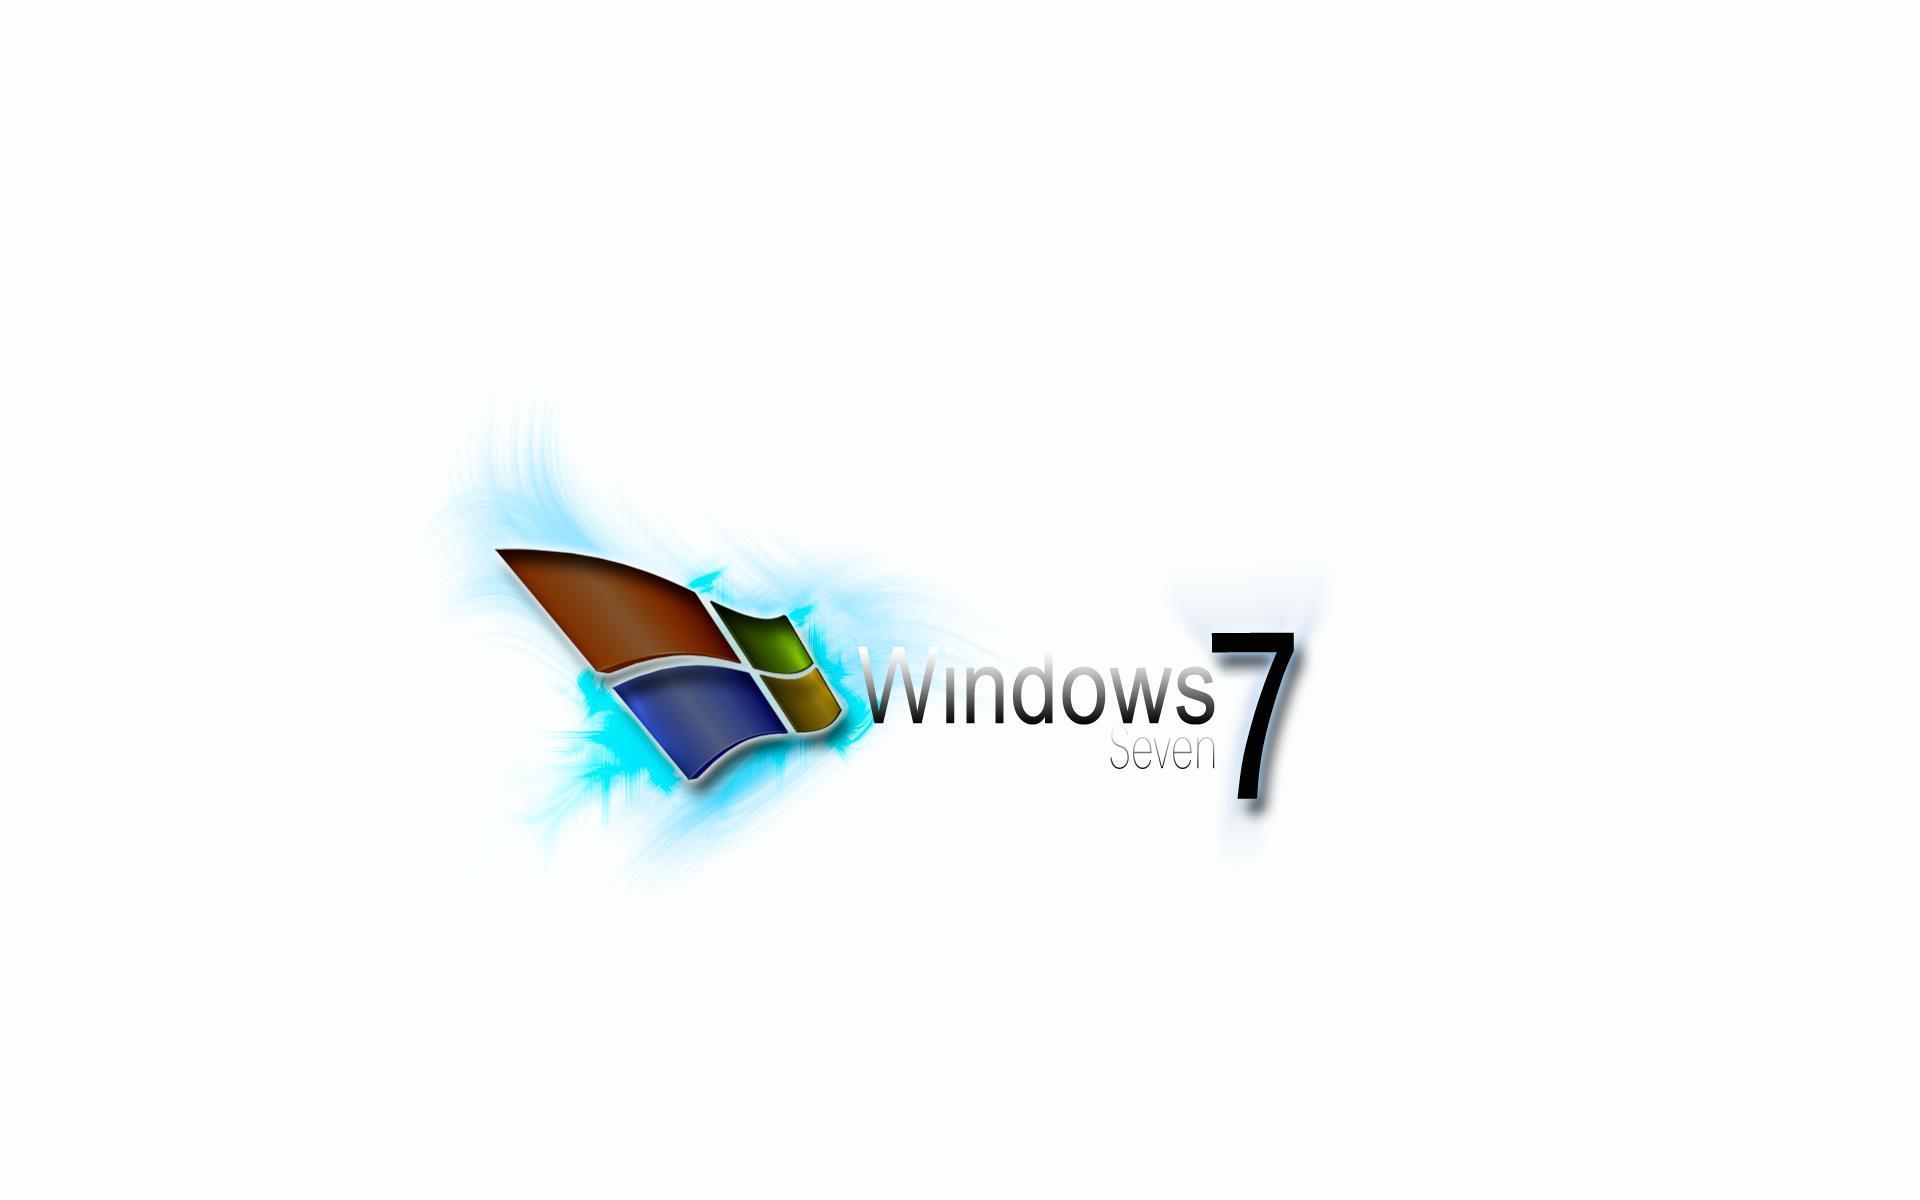 windows-7-fonds-HD-bureau-seven_05